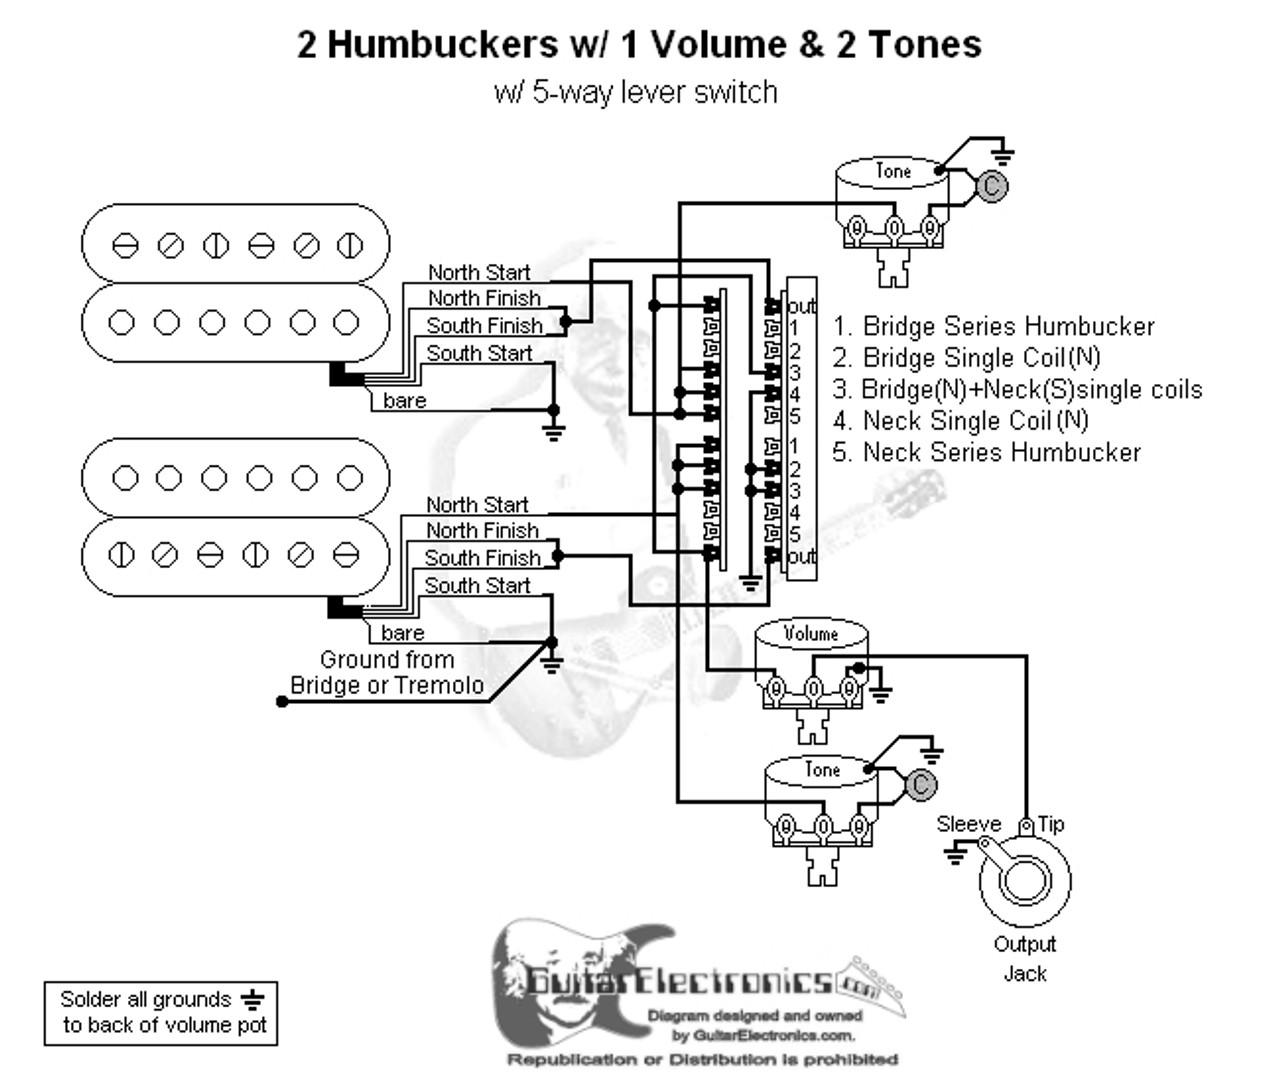 2 humbuckers 5 way lever switch 1 volume 2 tones 01 wiring diagram 2 humbuckers 5way lever switch 1 volume 2 tones 01 [ 1280 x 1083 Pixel ]